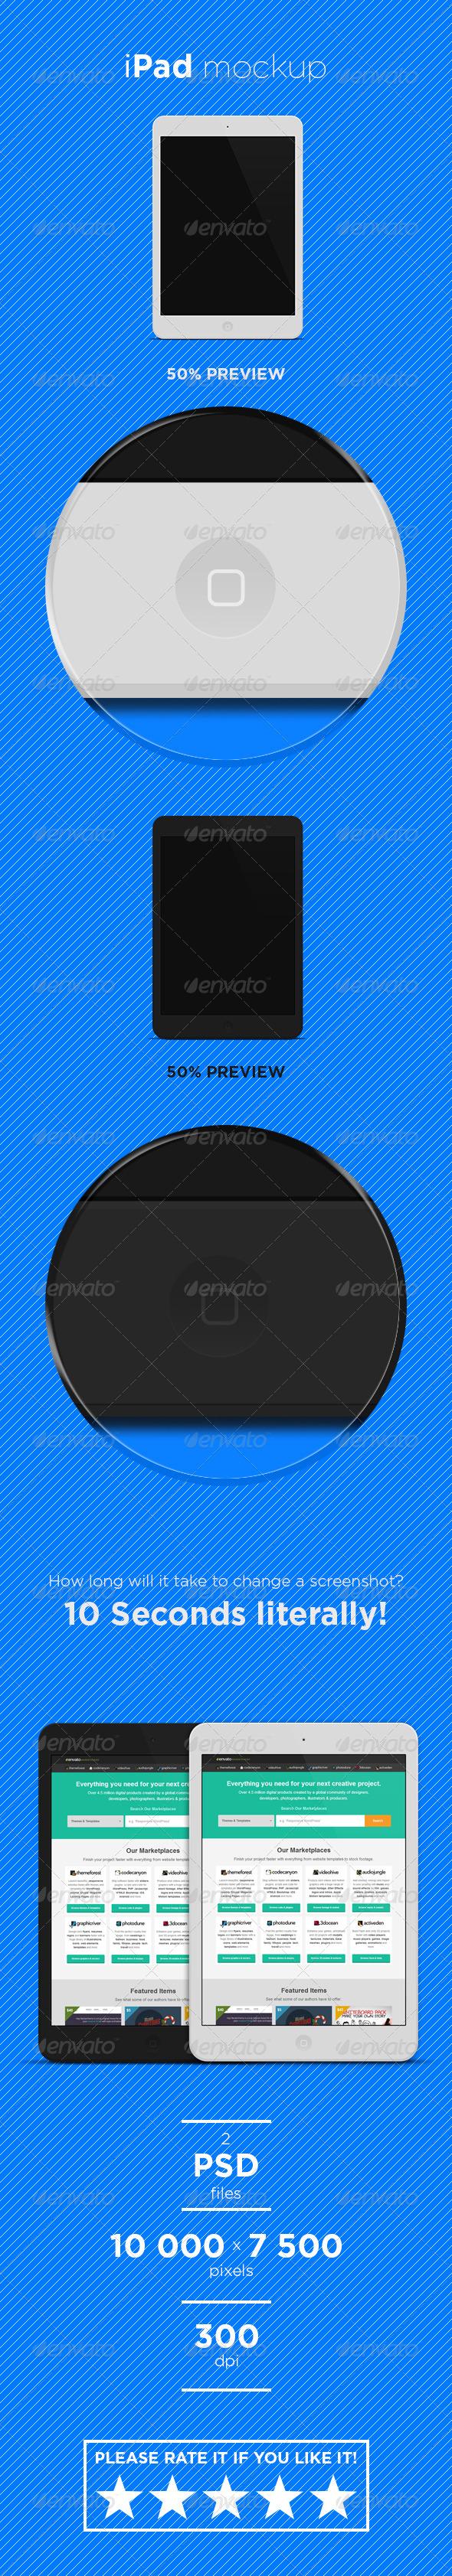 GraphicRiver Flat Black and White iPad Mini Mockup 6629241